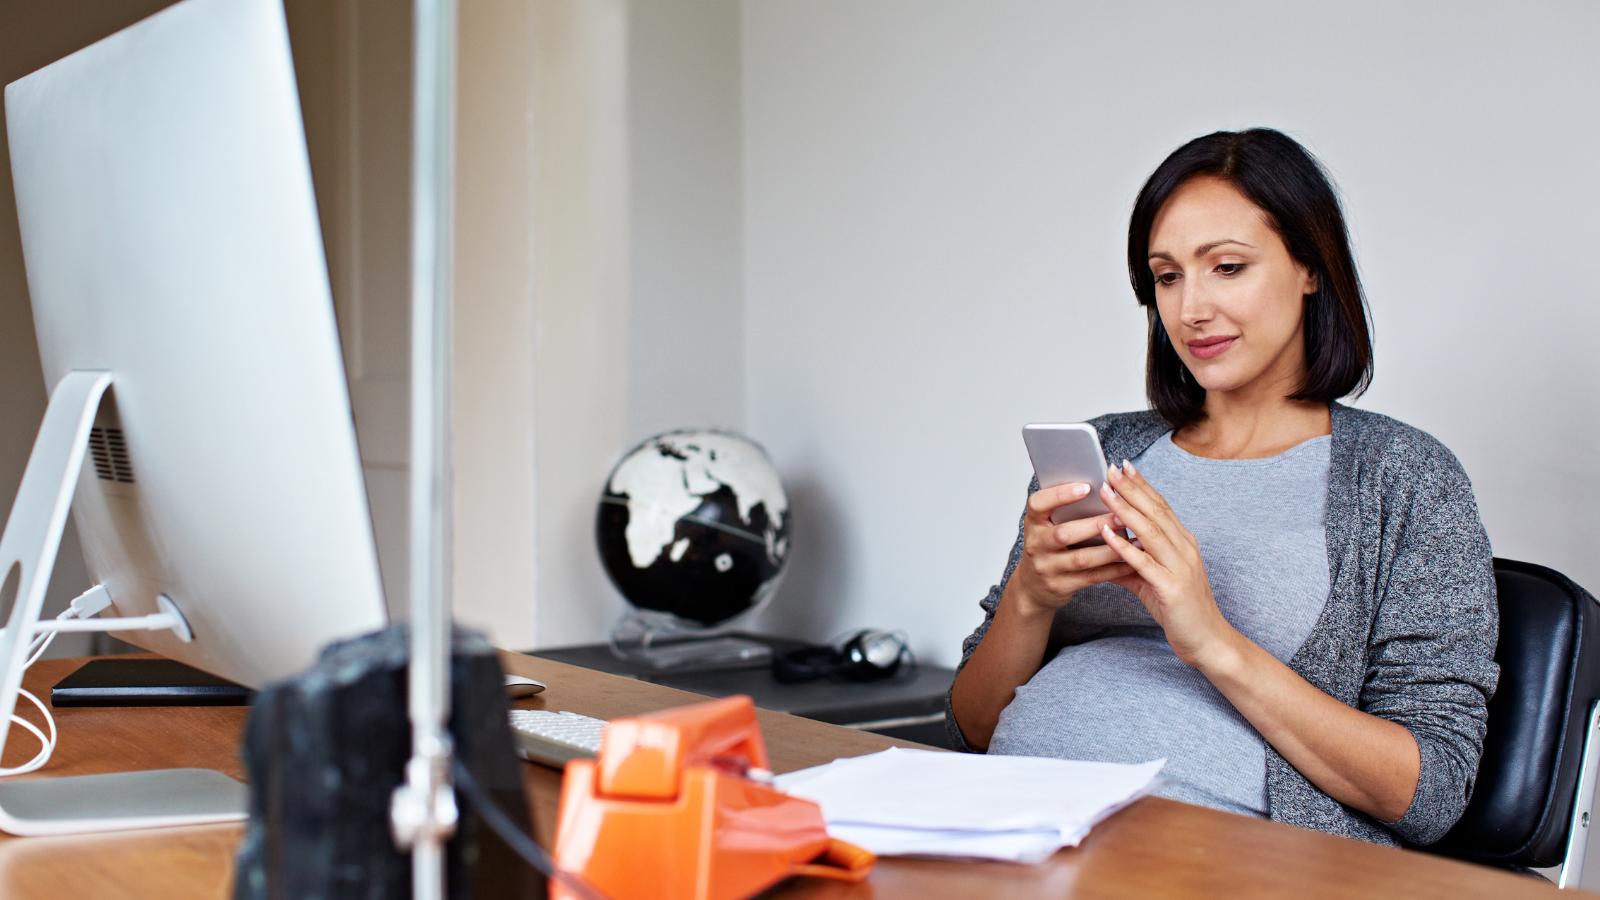 Blog Landscape of Maternal Health